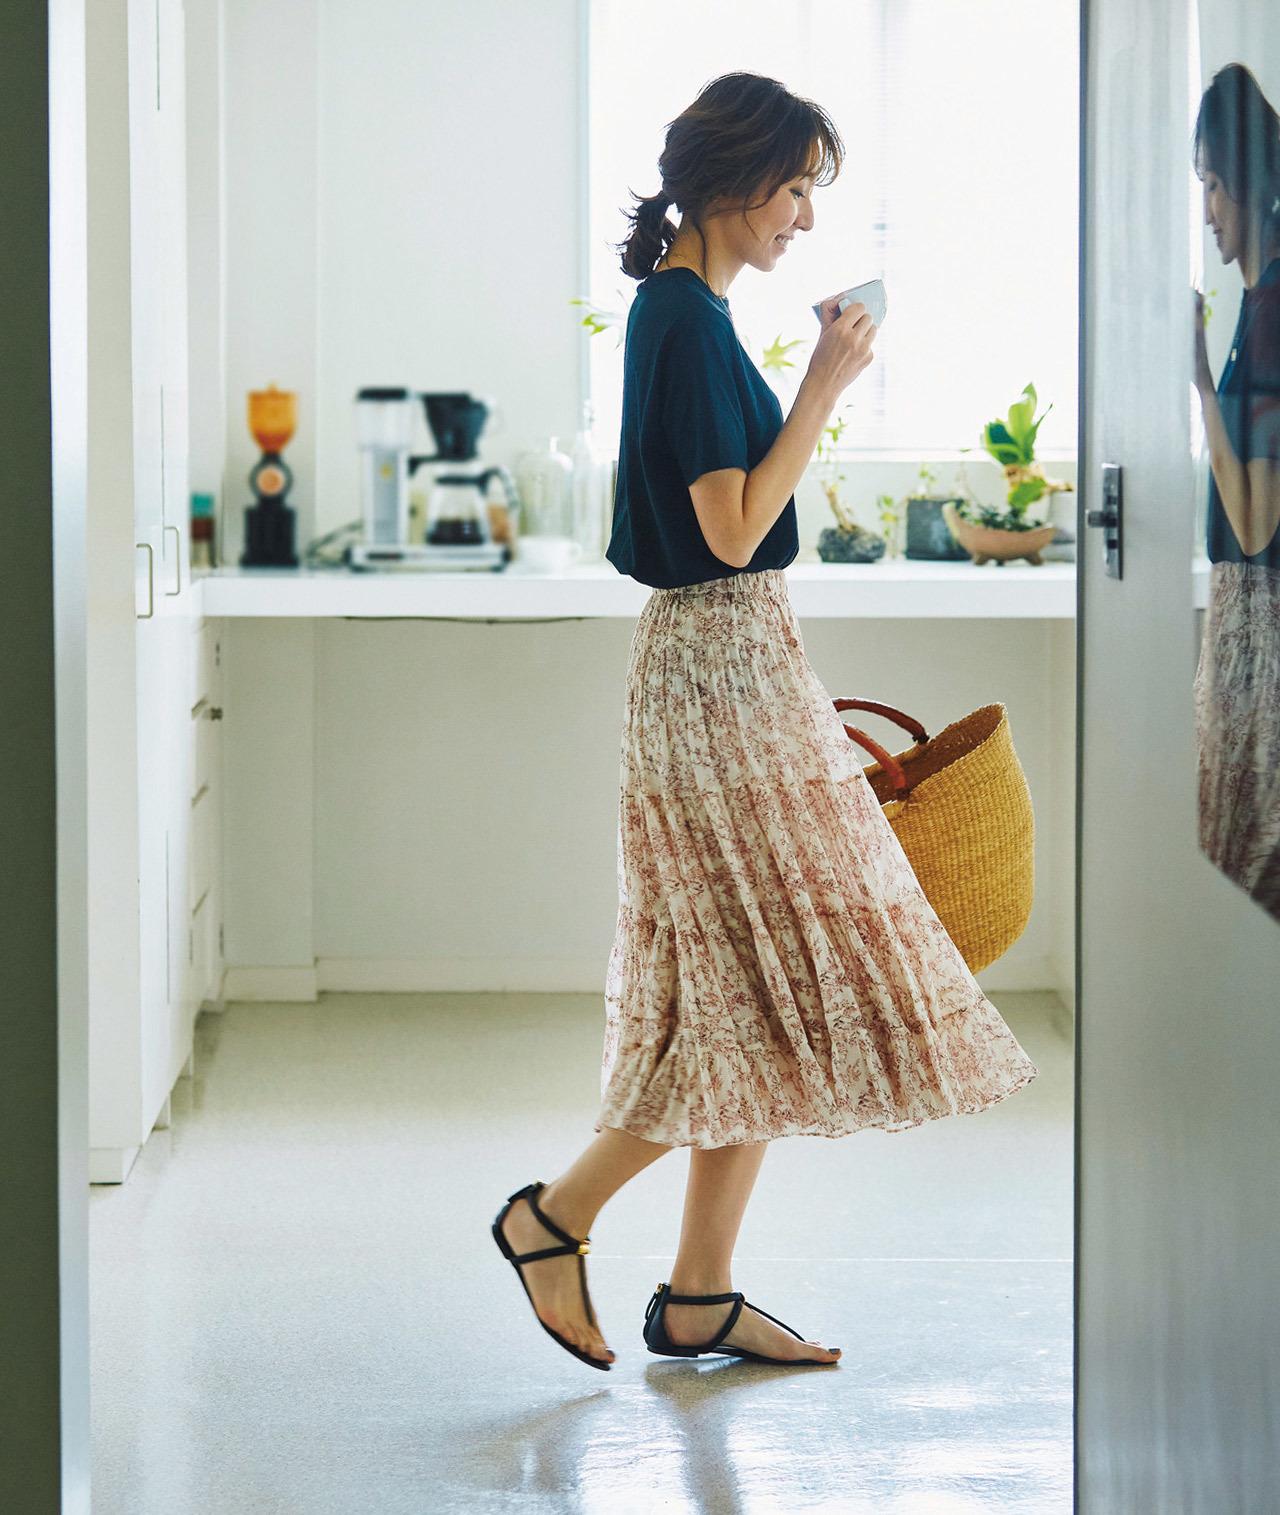 磯部安伽 花柄スカートとTシャツのコーデ